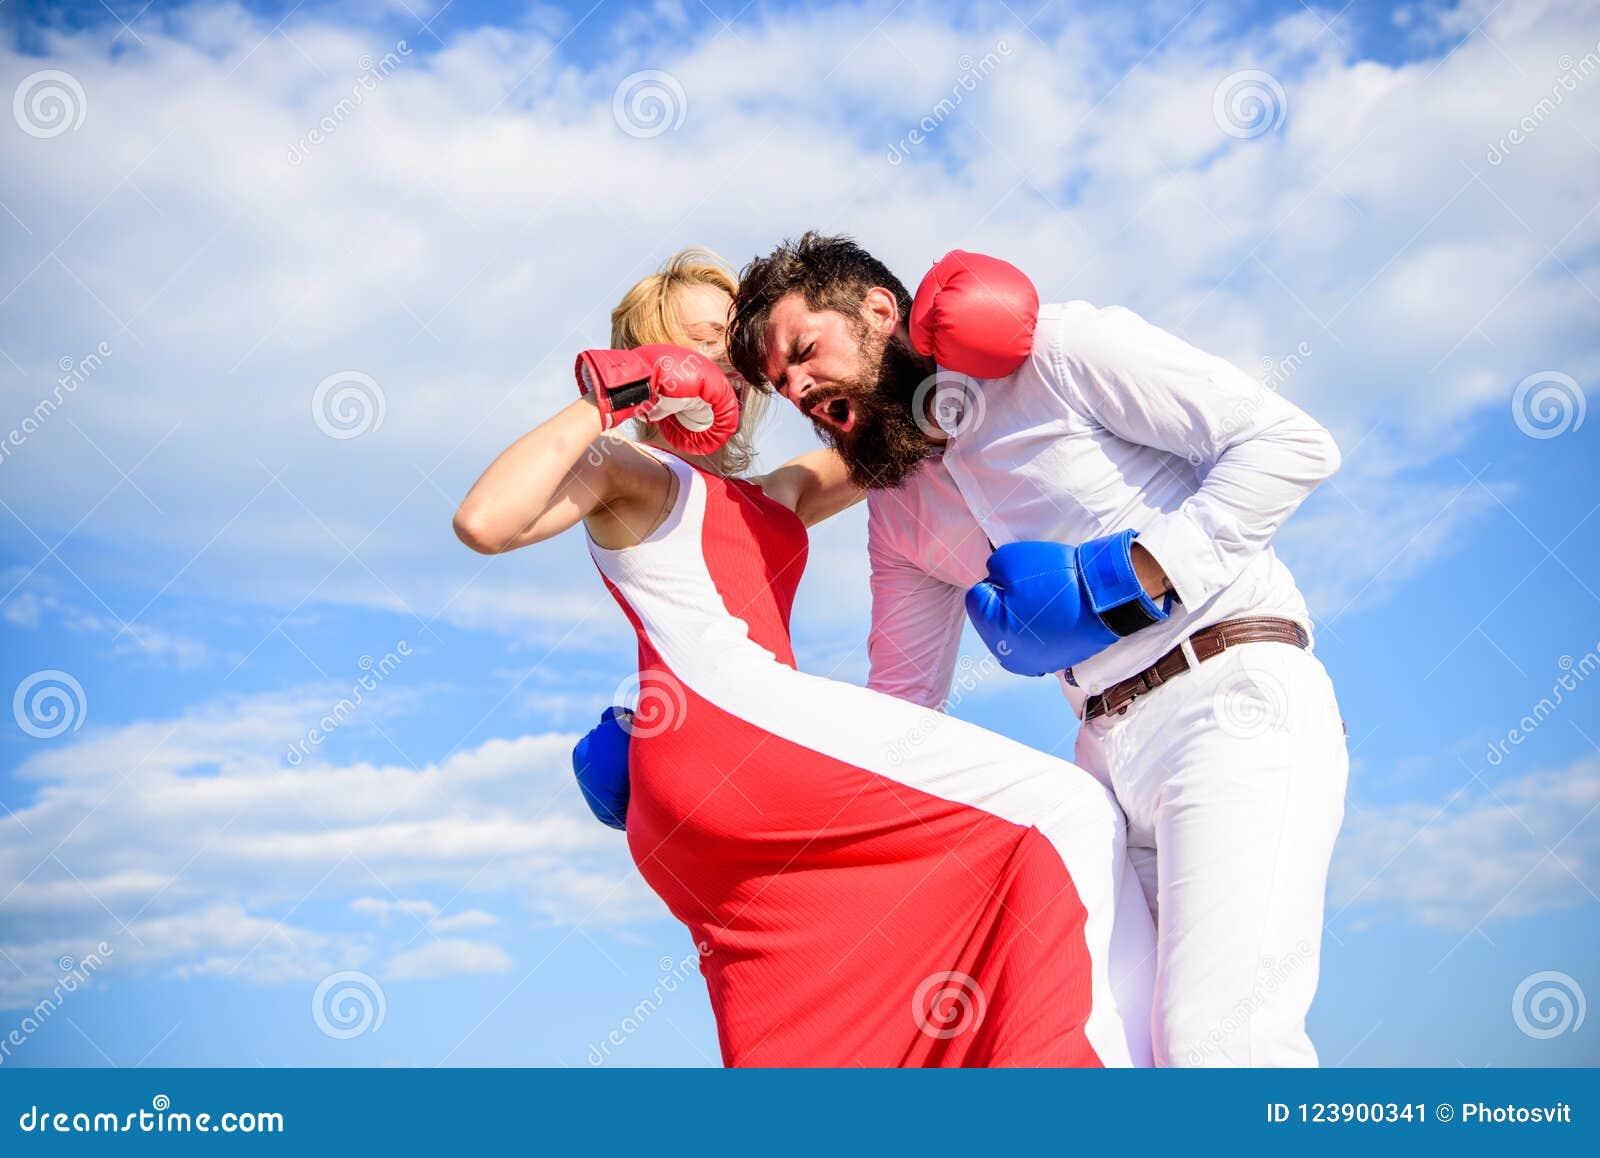 Η επίθεση είναι καλύτερη υπεράσπιση Υπερασπίστε την άποψή σας στην αντιμετώπιση Υπόβαθρο ουρανού εγκιβωτίζοντας γαντιών πάλης ανδ